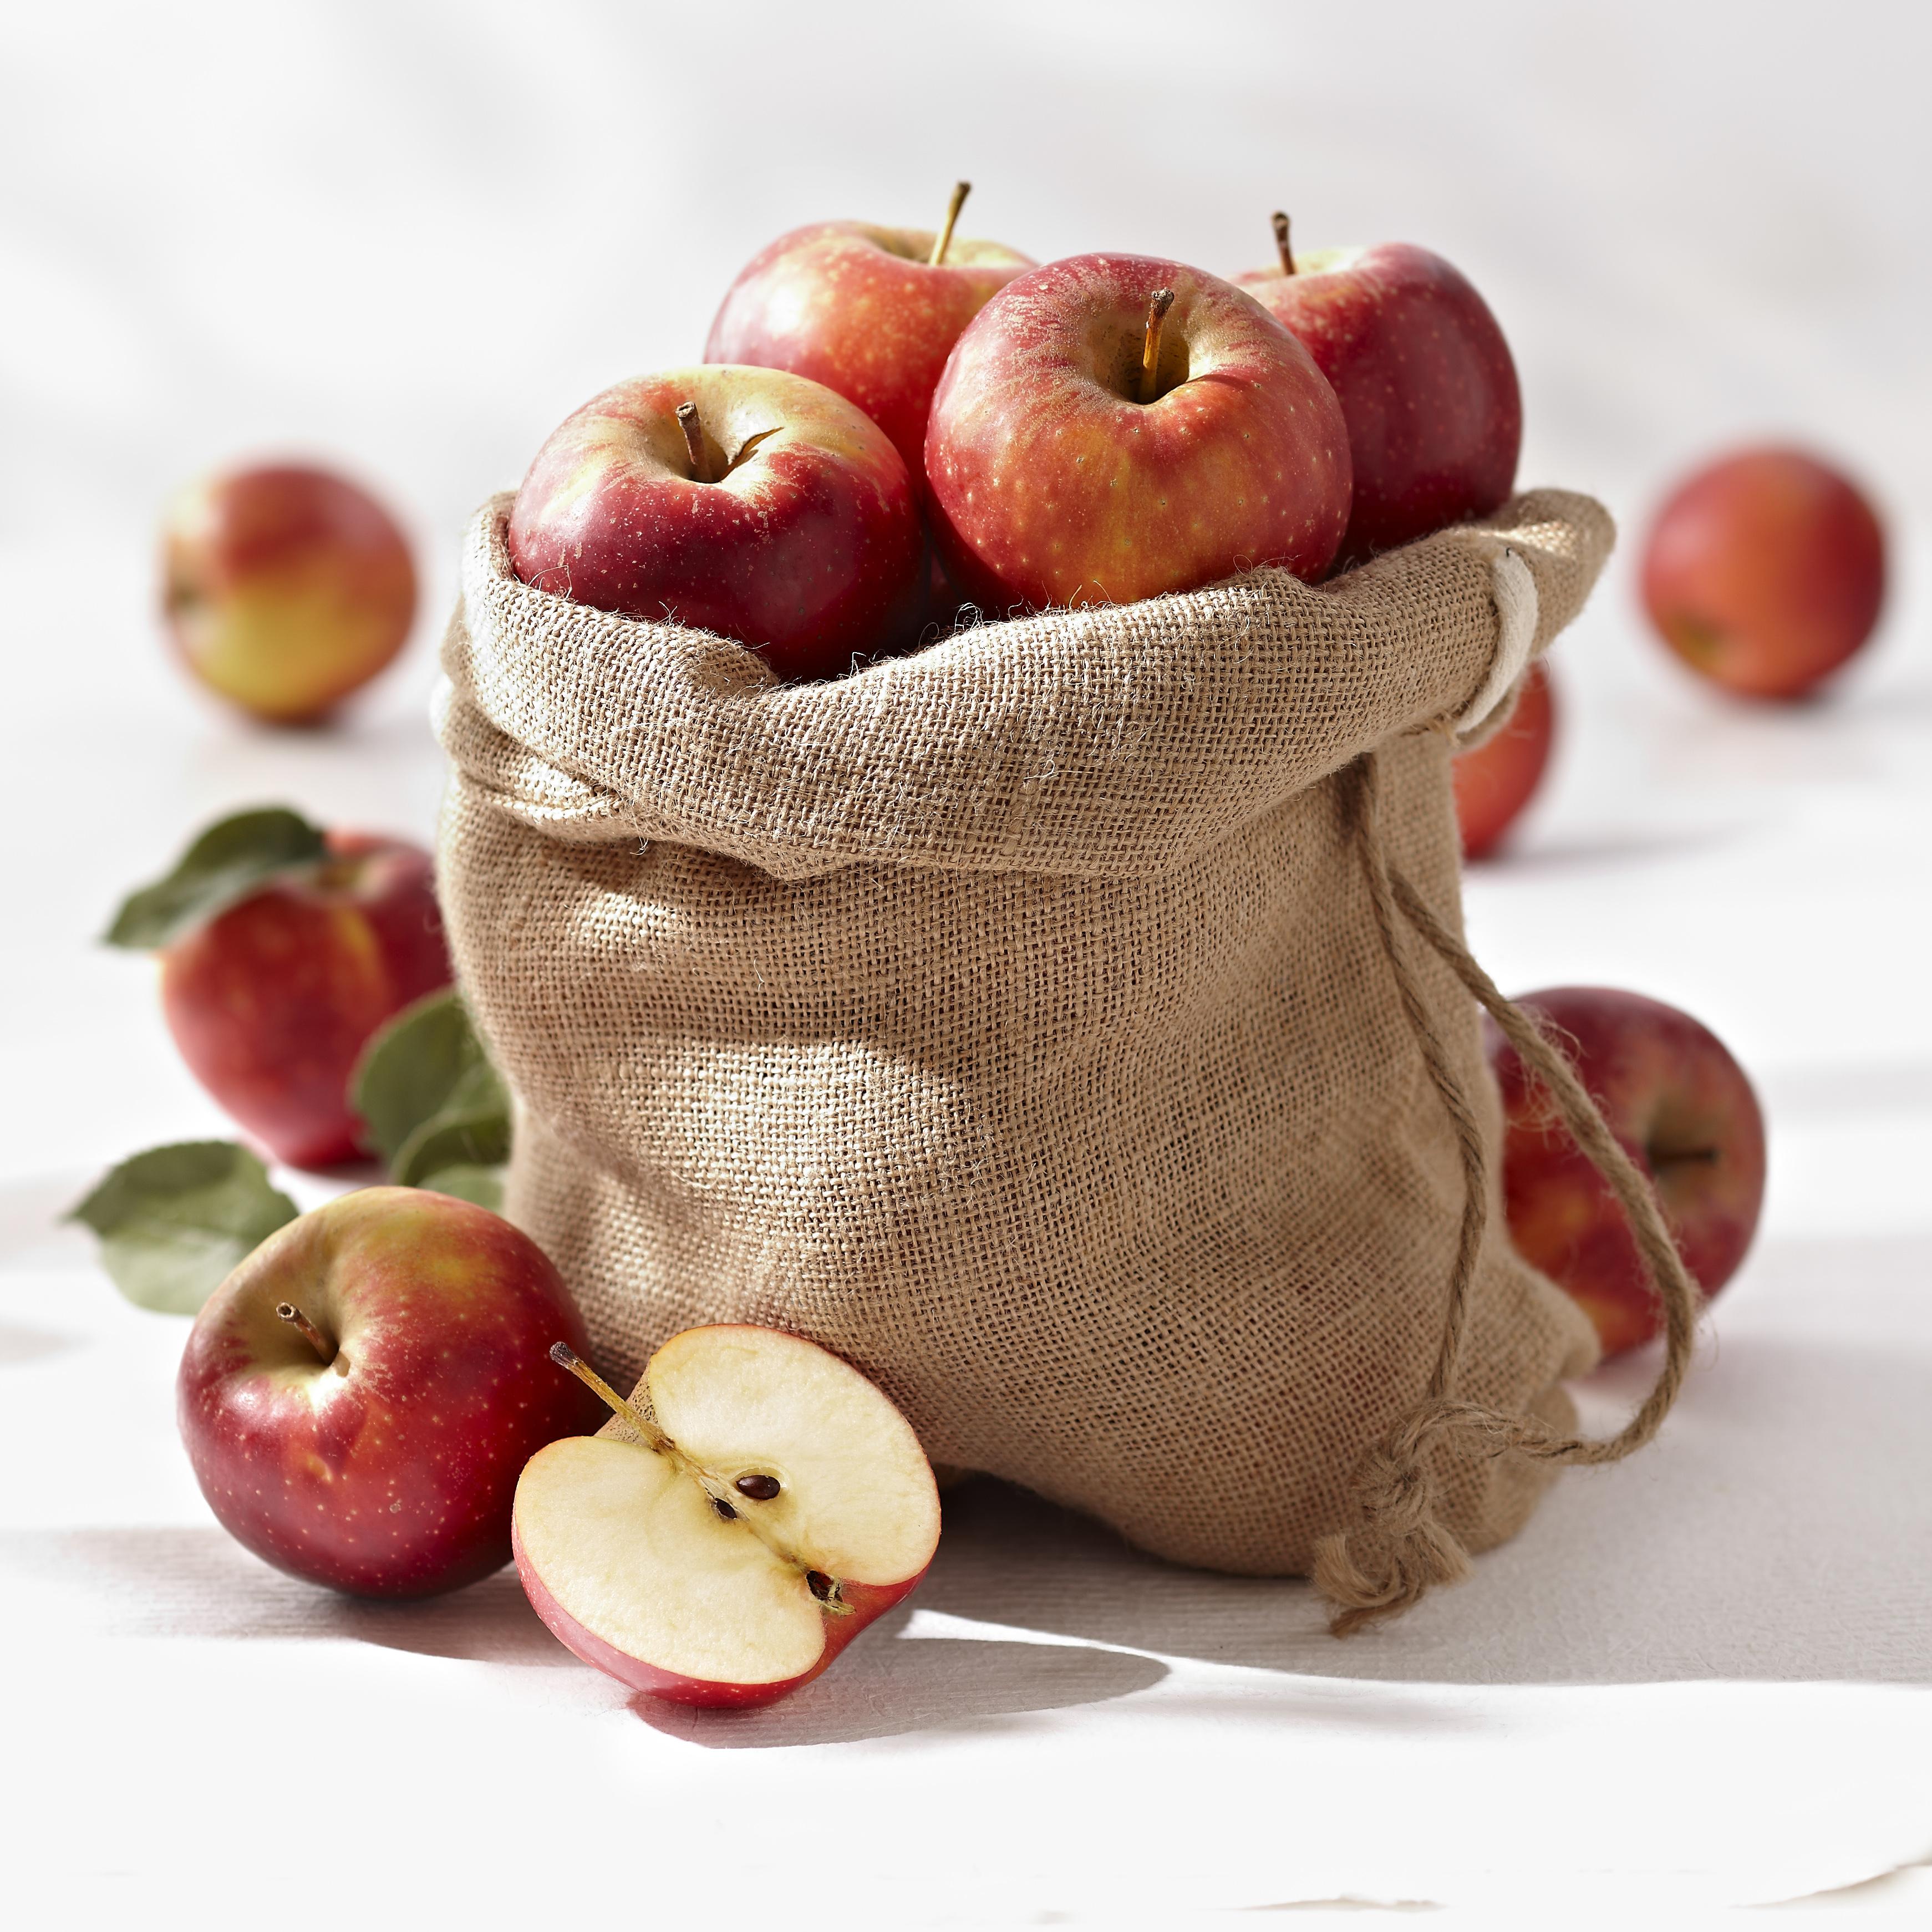 Comment conserver ses pommes - Conserver pommes coupees ...